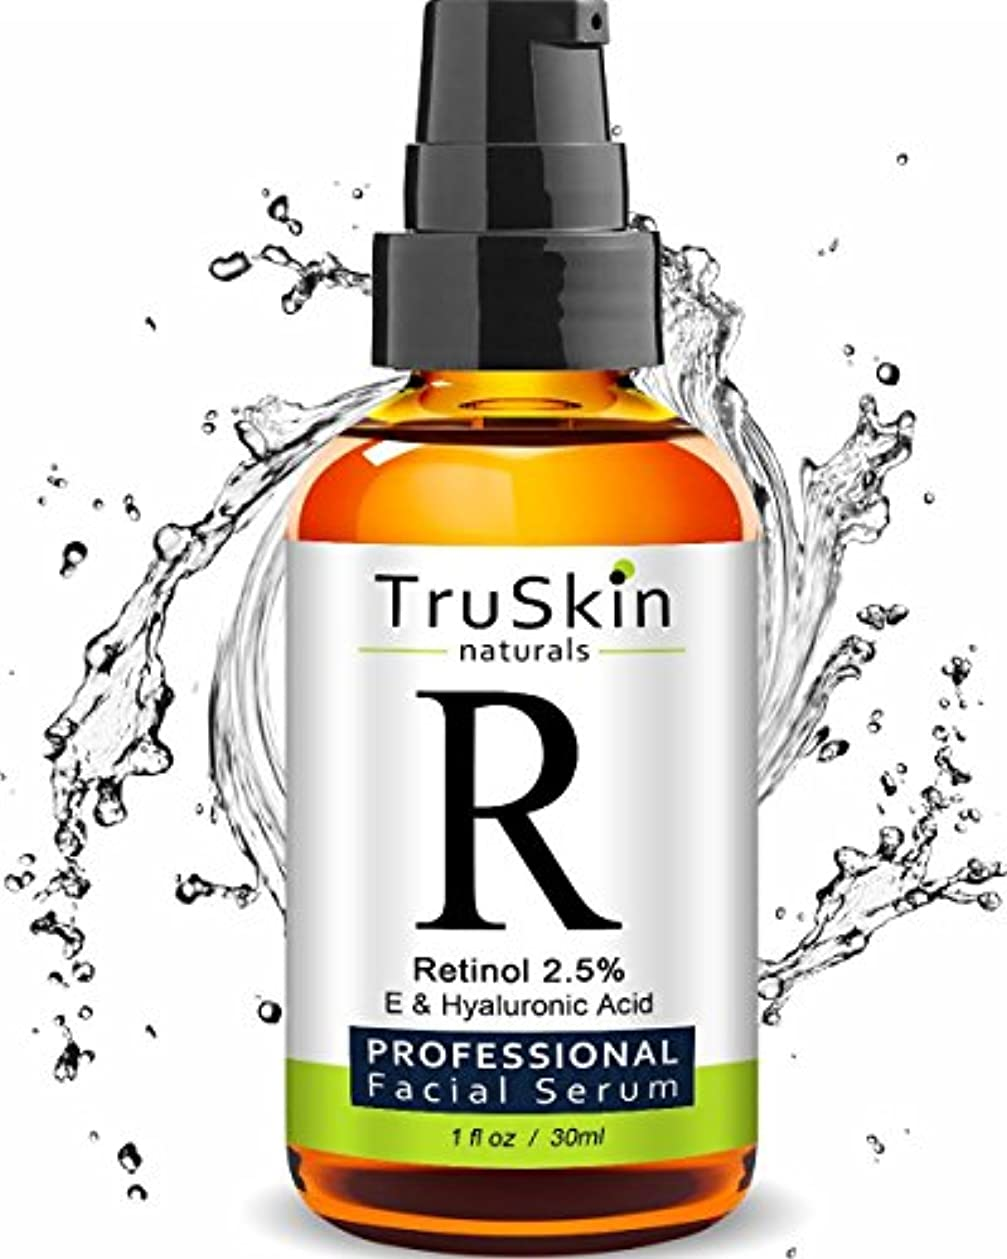 節約する脚本講師アメリカで一番売れてる TruSkin Naturals社 の オーガニック ビタミンCセラム TruSkin Naturals Vitamin C Serum